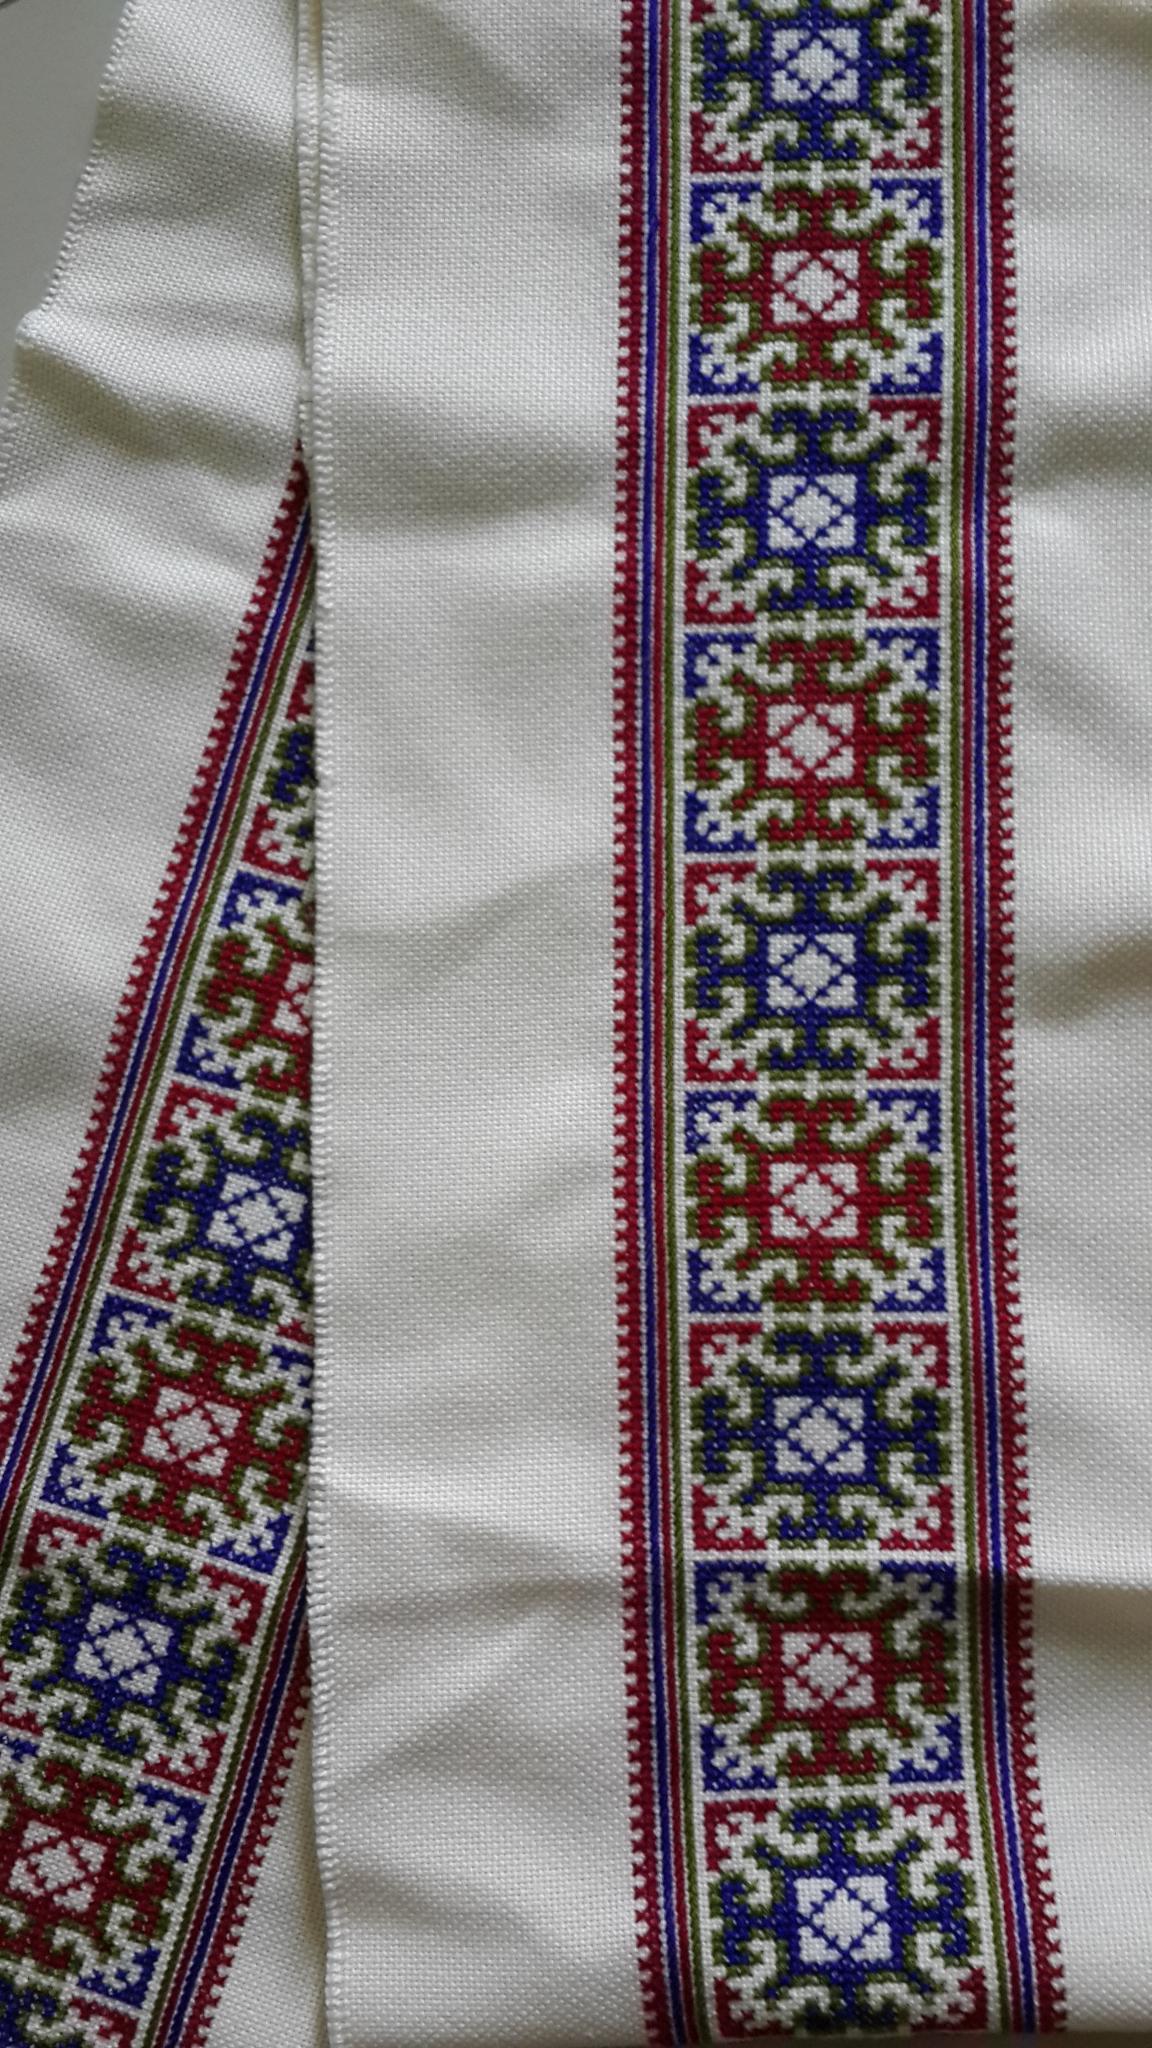 ผ้าปัก ผืนยาว พื้นสีขาว